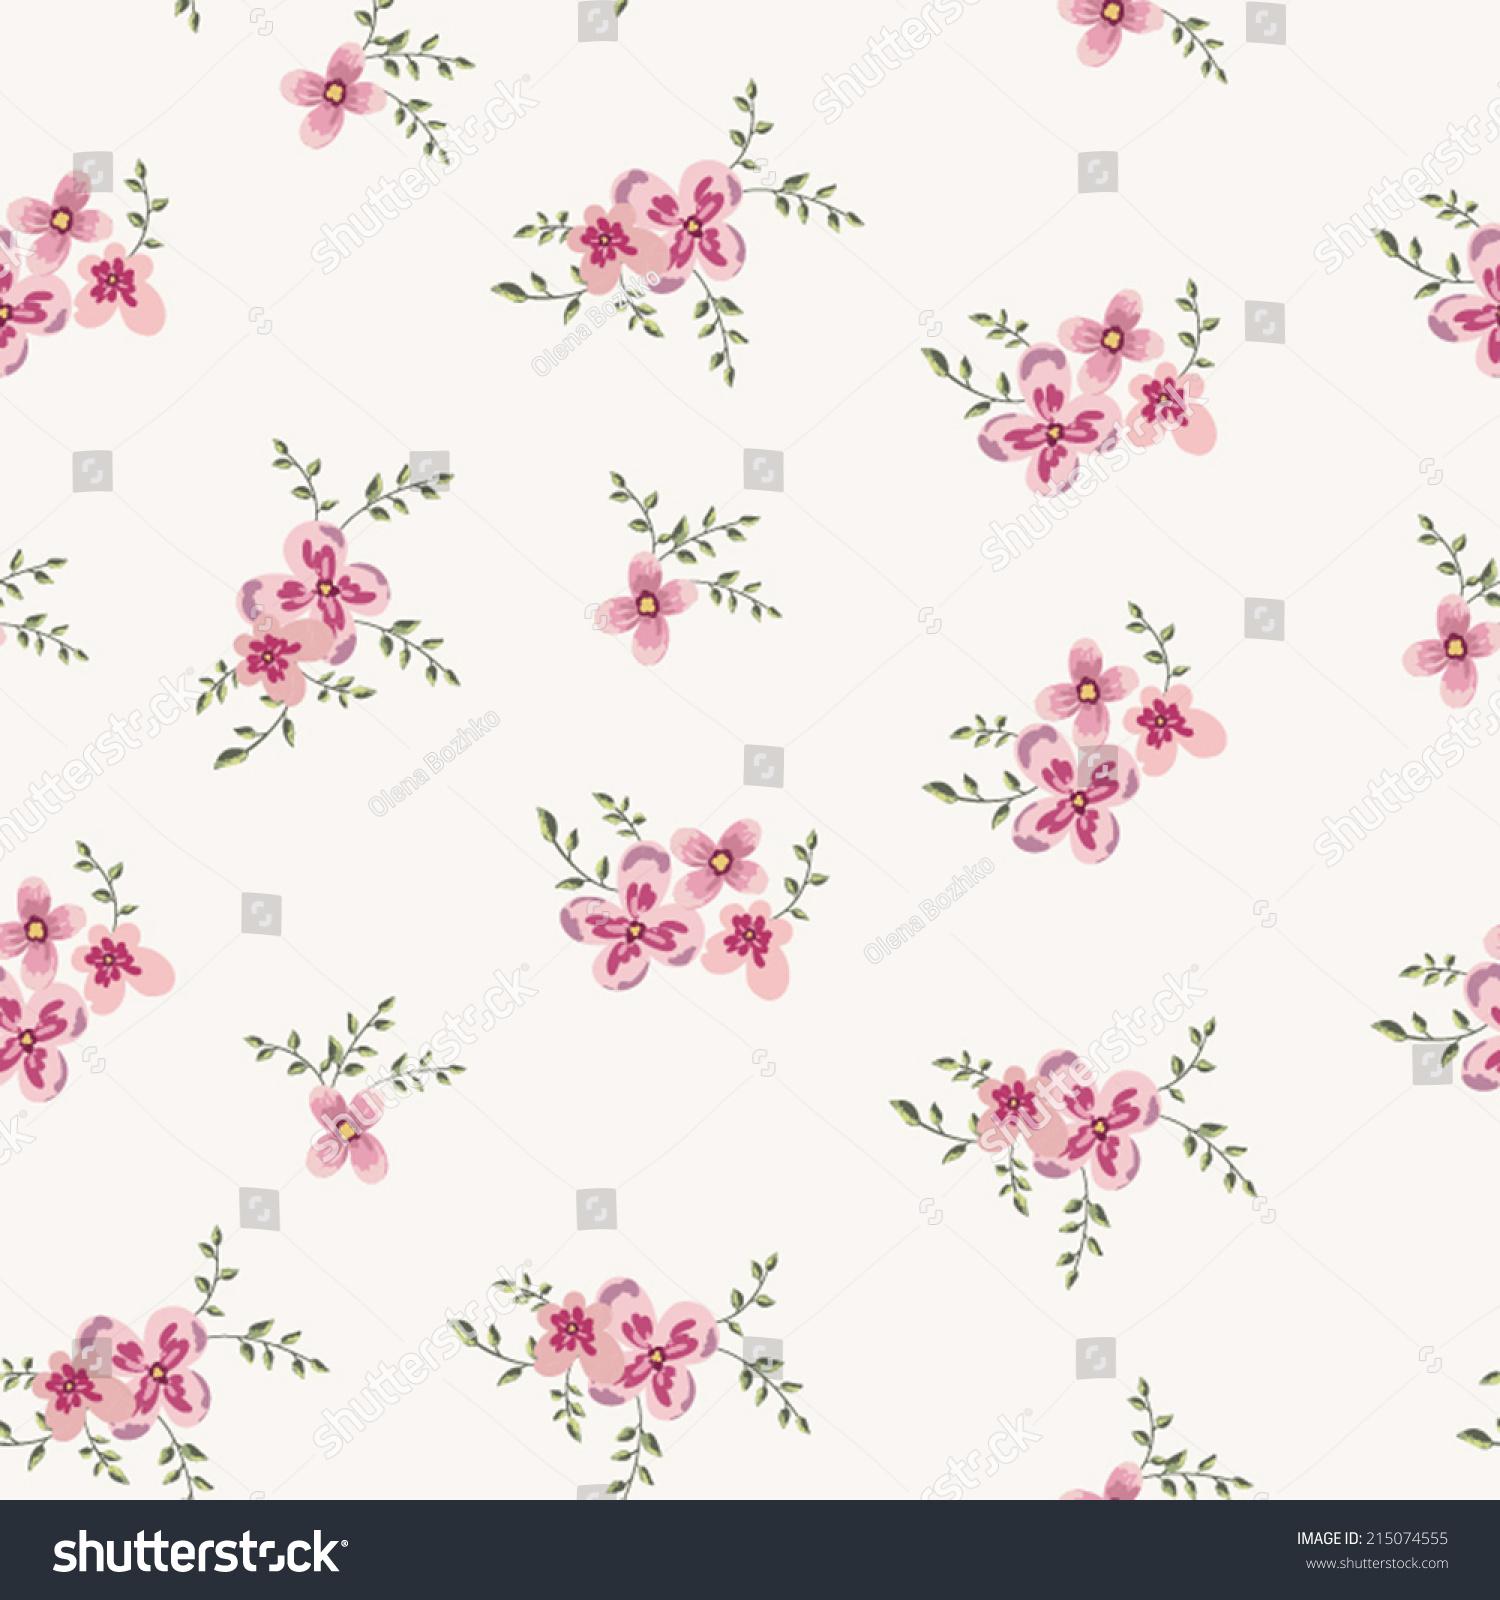 Cute little pink flowers seamless pattern stock vector royalty free cute little pink flowers seamless pattern background vector mightylinksfo